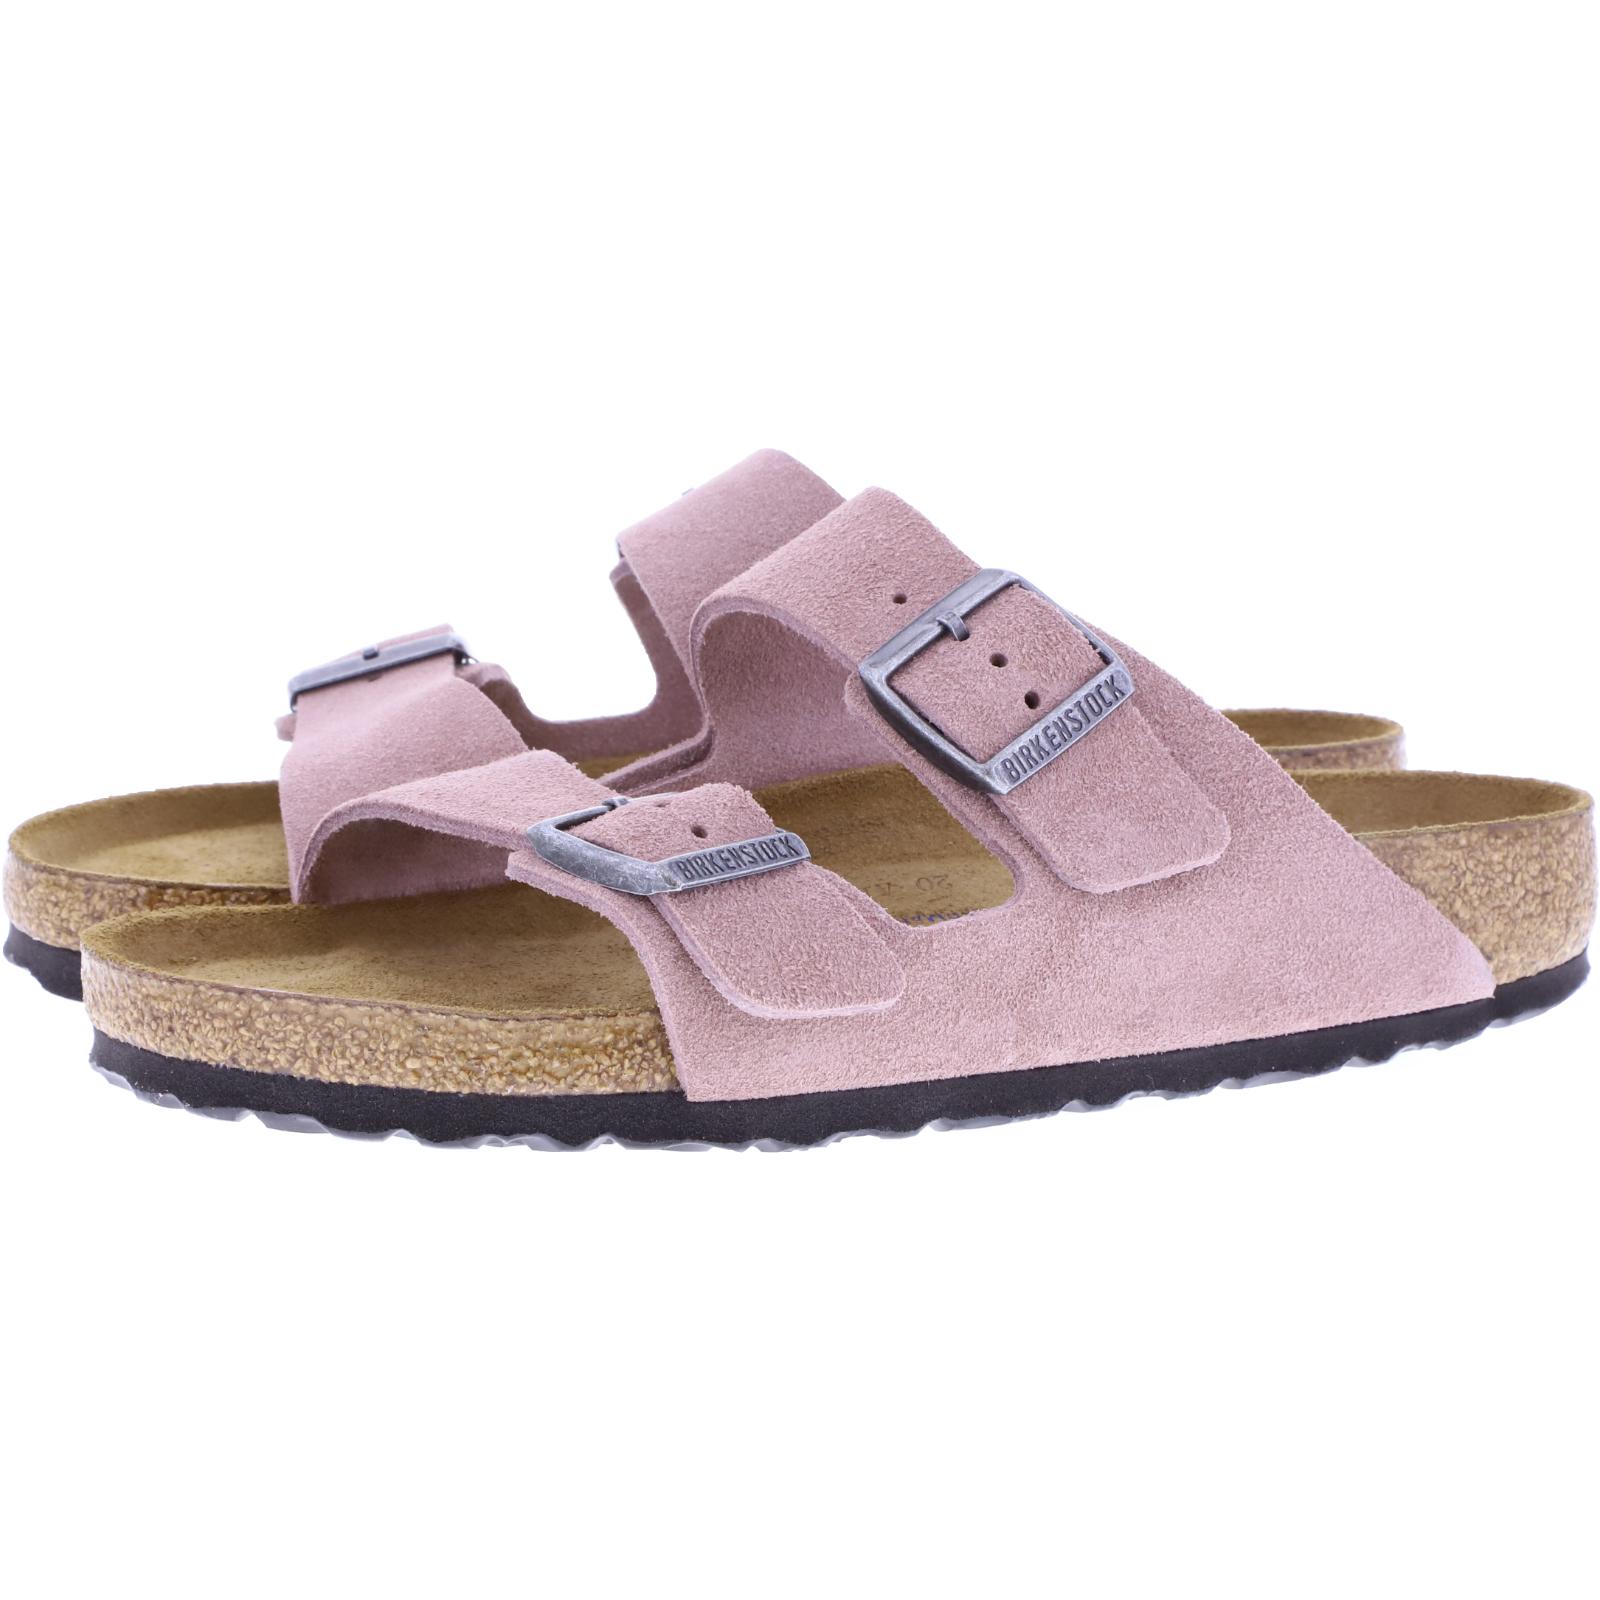 Birkenstock Online Shop Birkenstock Schuhe günstig kaufen